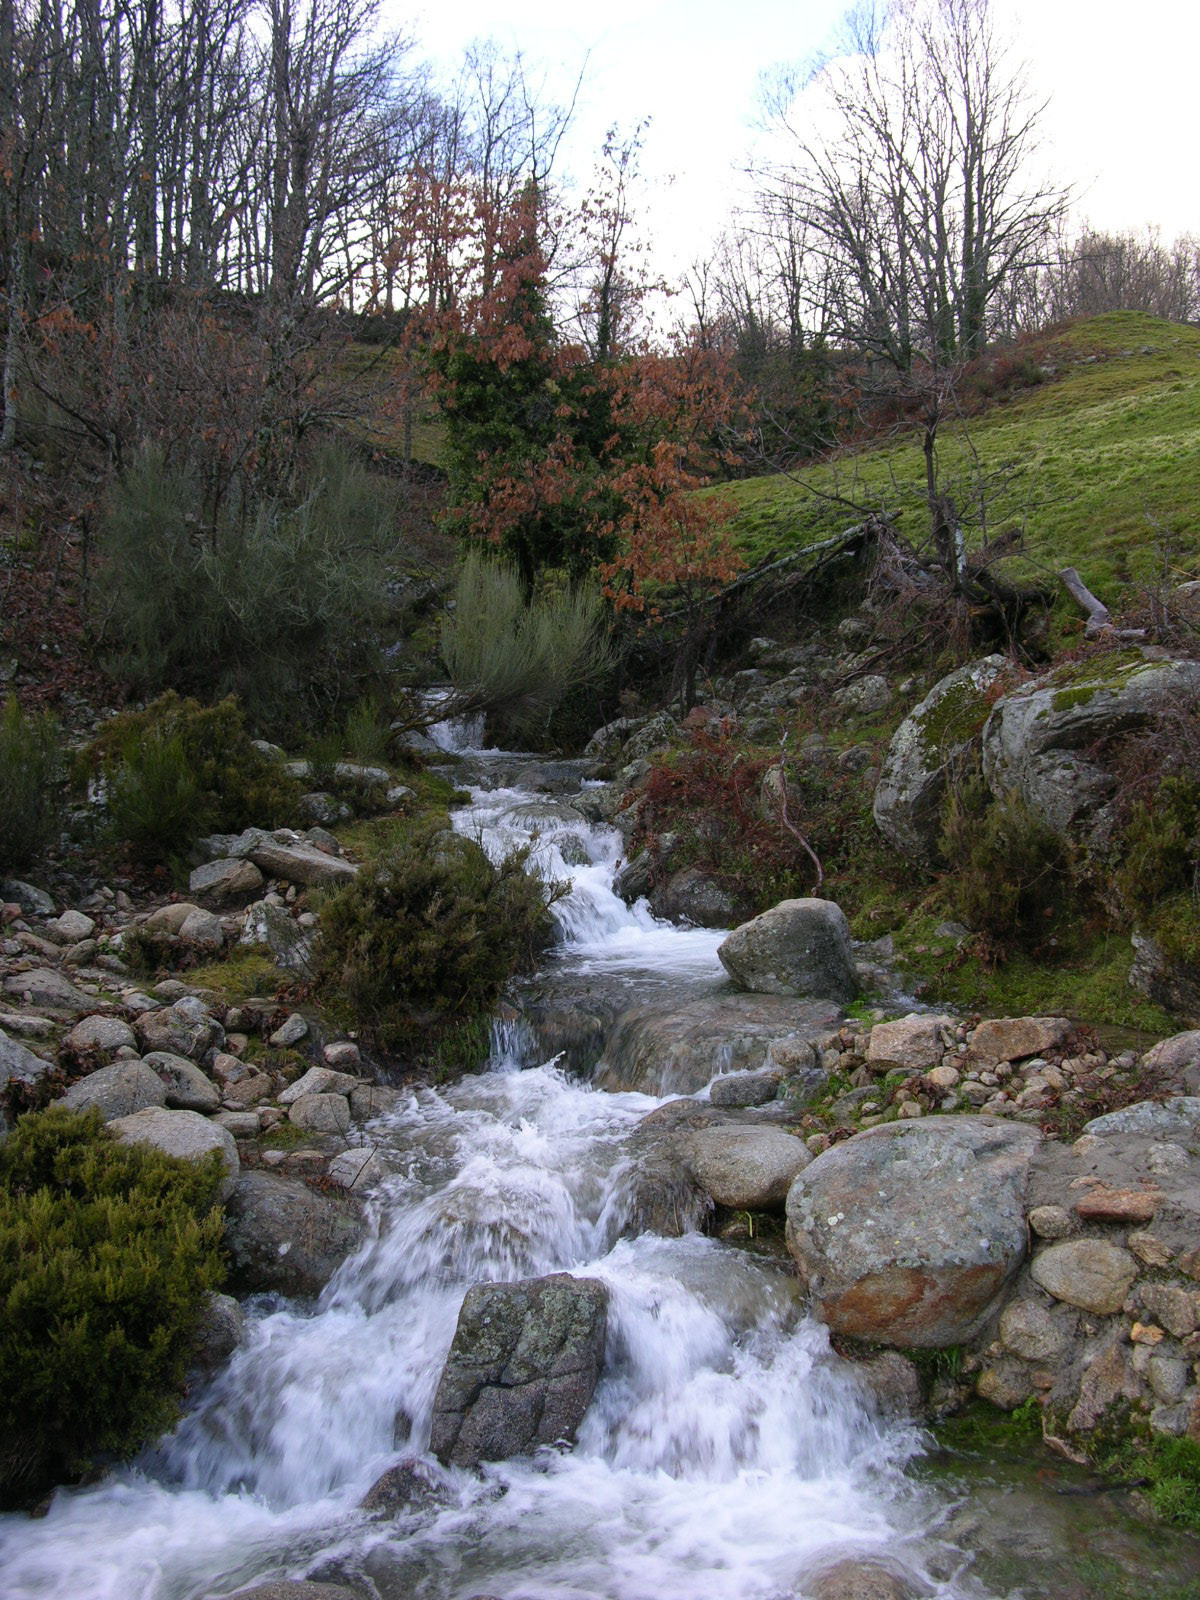 163 - De antiguo establo rural a fantástica casa rústica en Cáceres: un remanso de paz y naturaleza